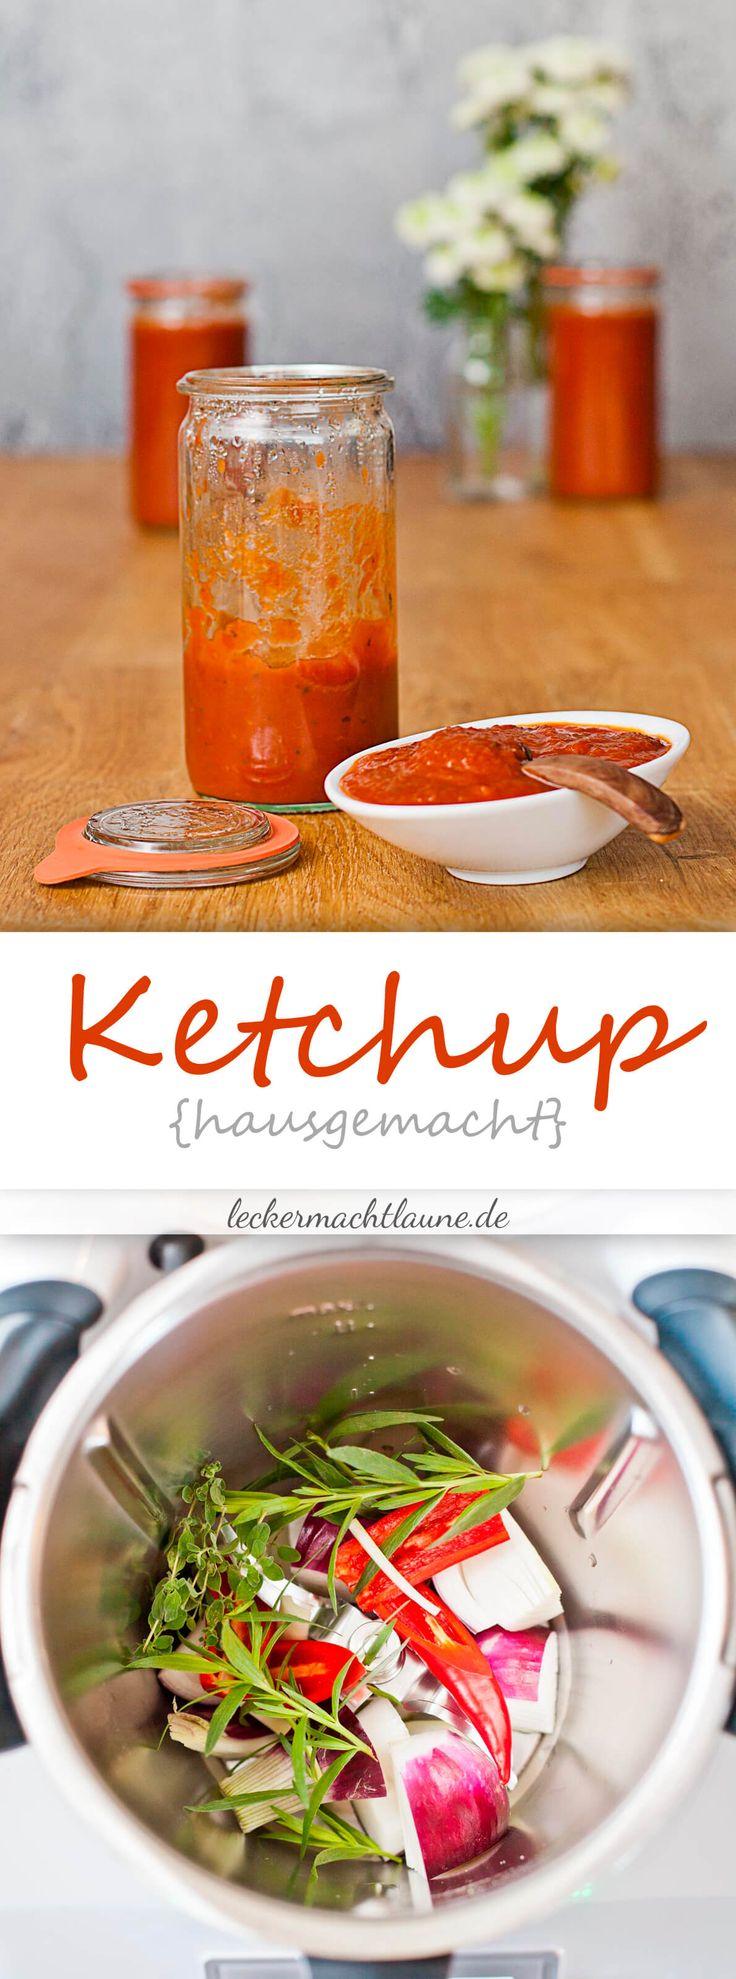 Würziges, hausgemachtes Ketchup. Einfach gemacht, mit und ohne Thermomix®.